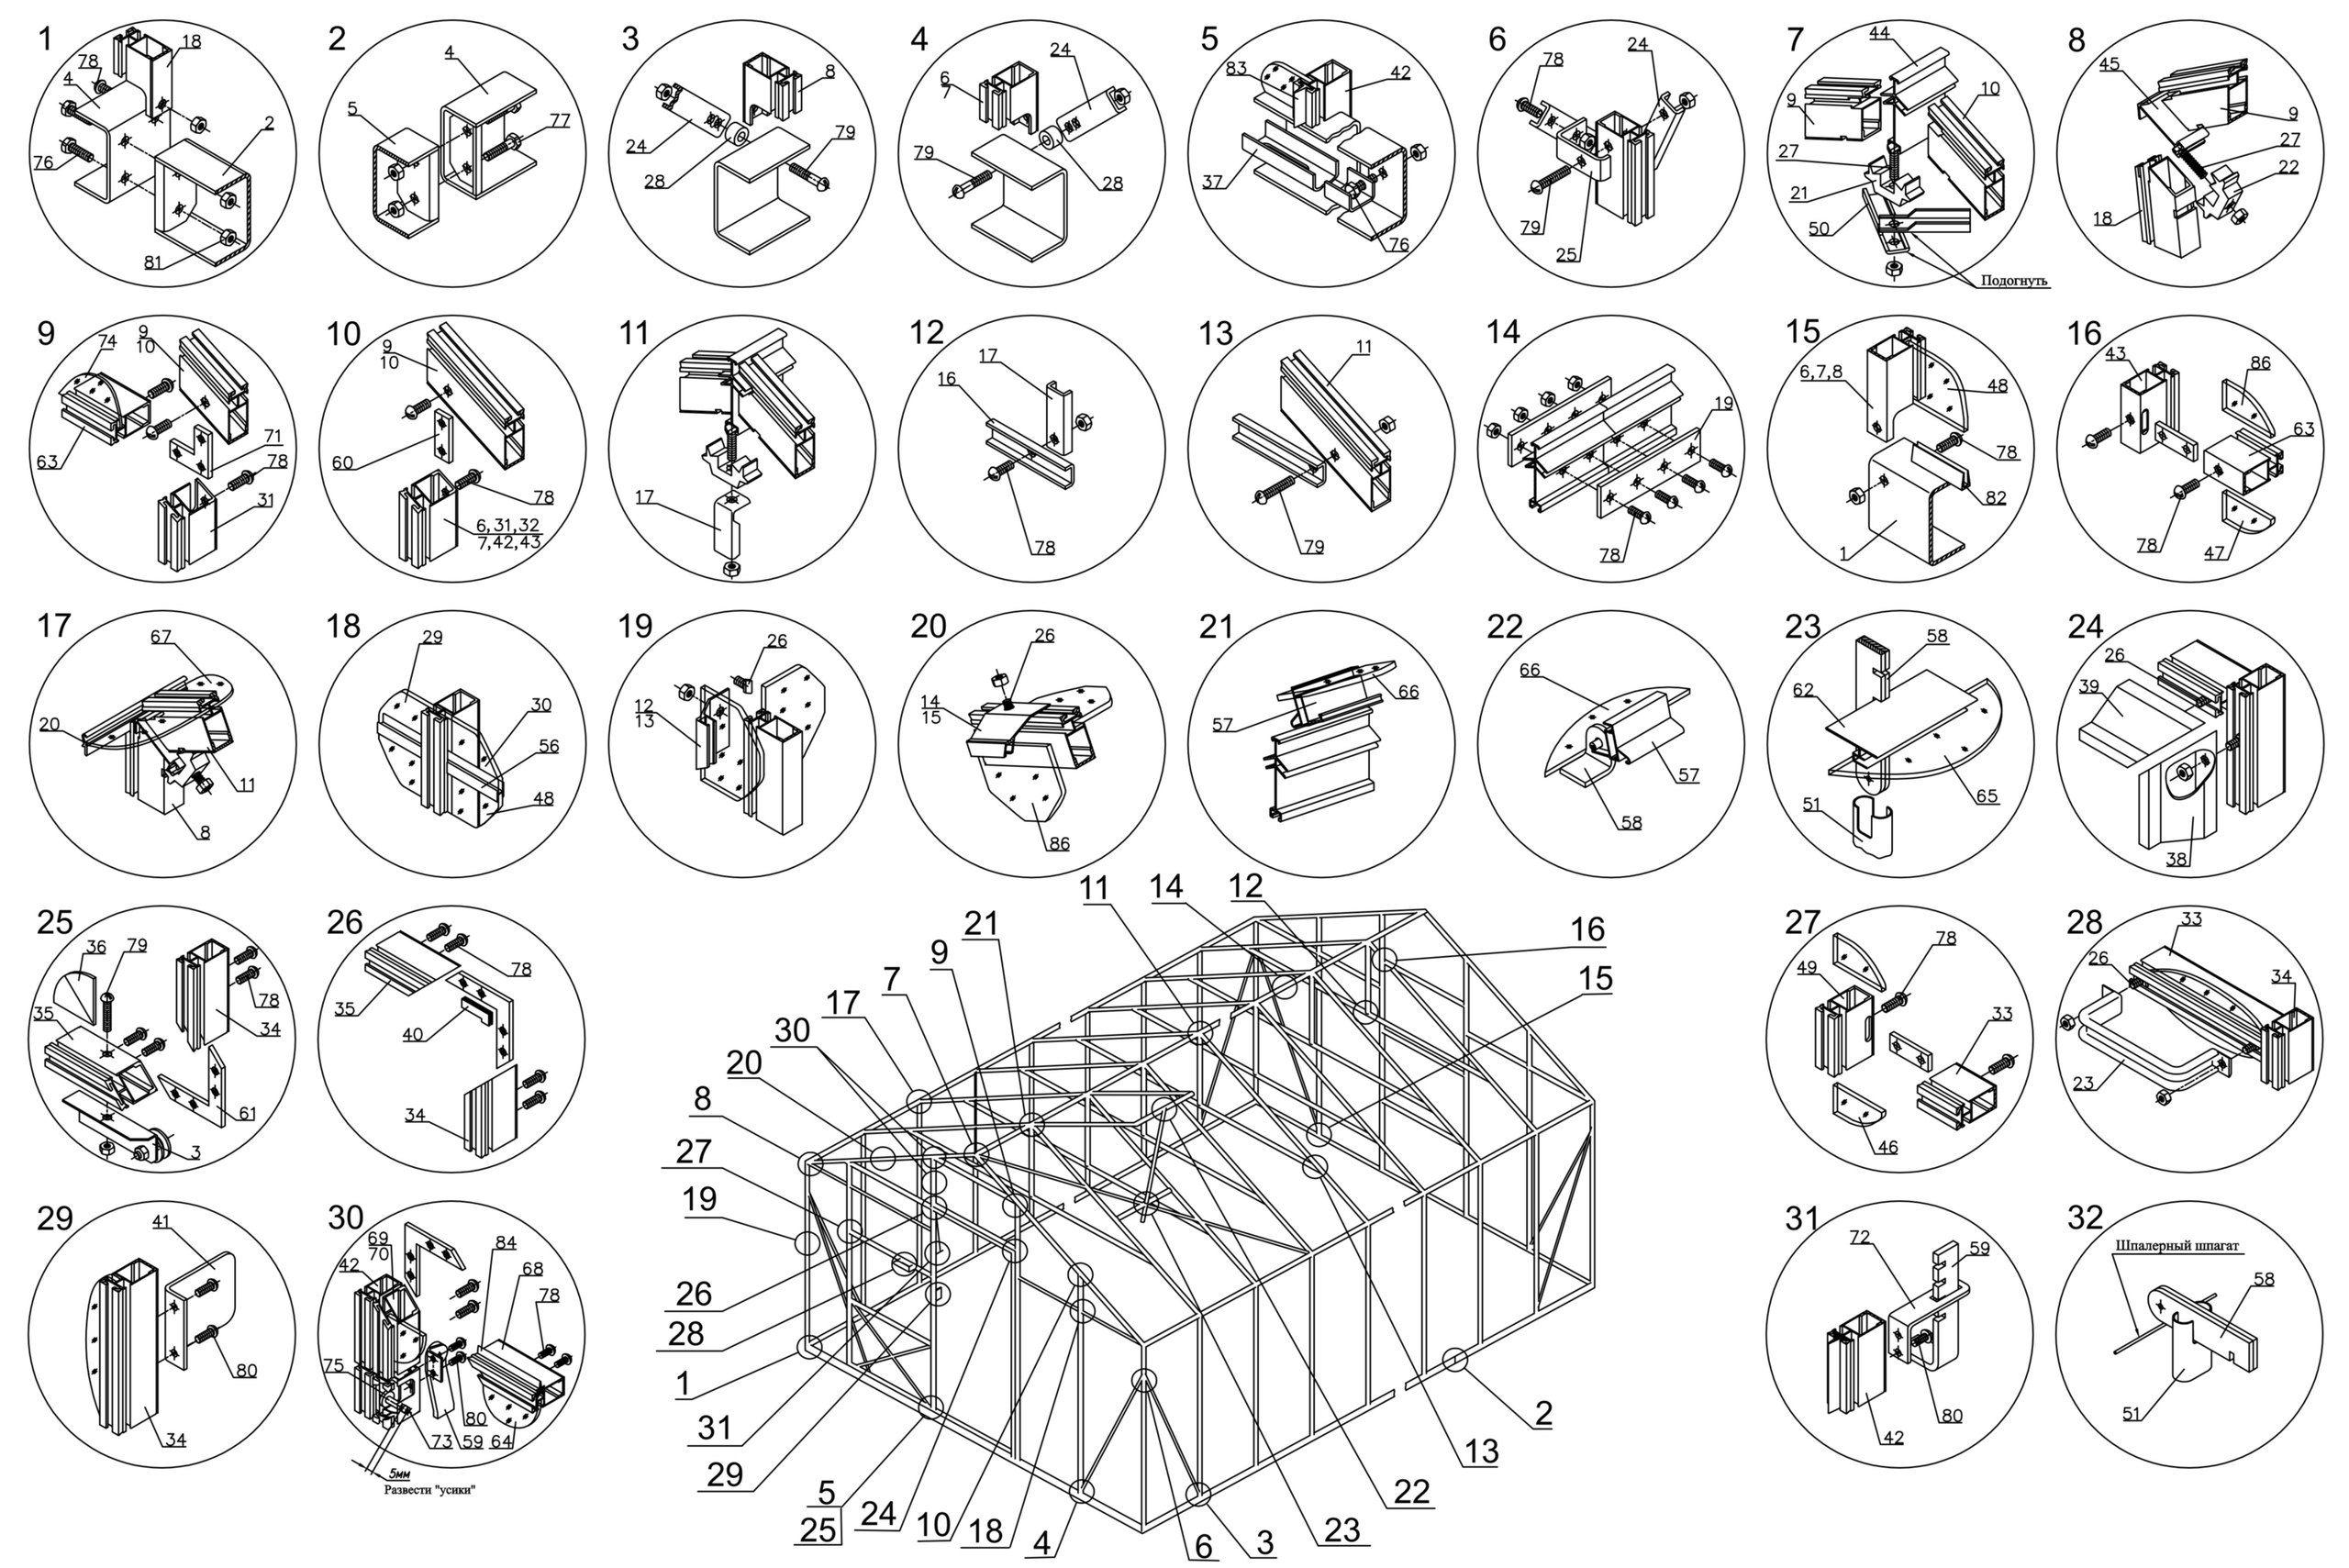 Фундамент своими руками для дома пошаговая инструкция видео